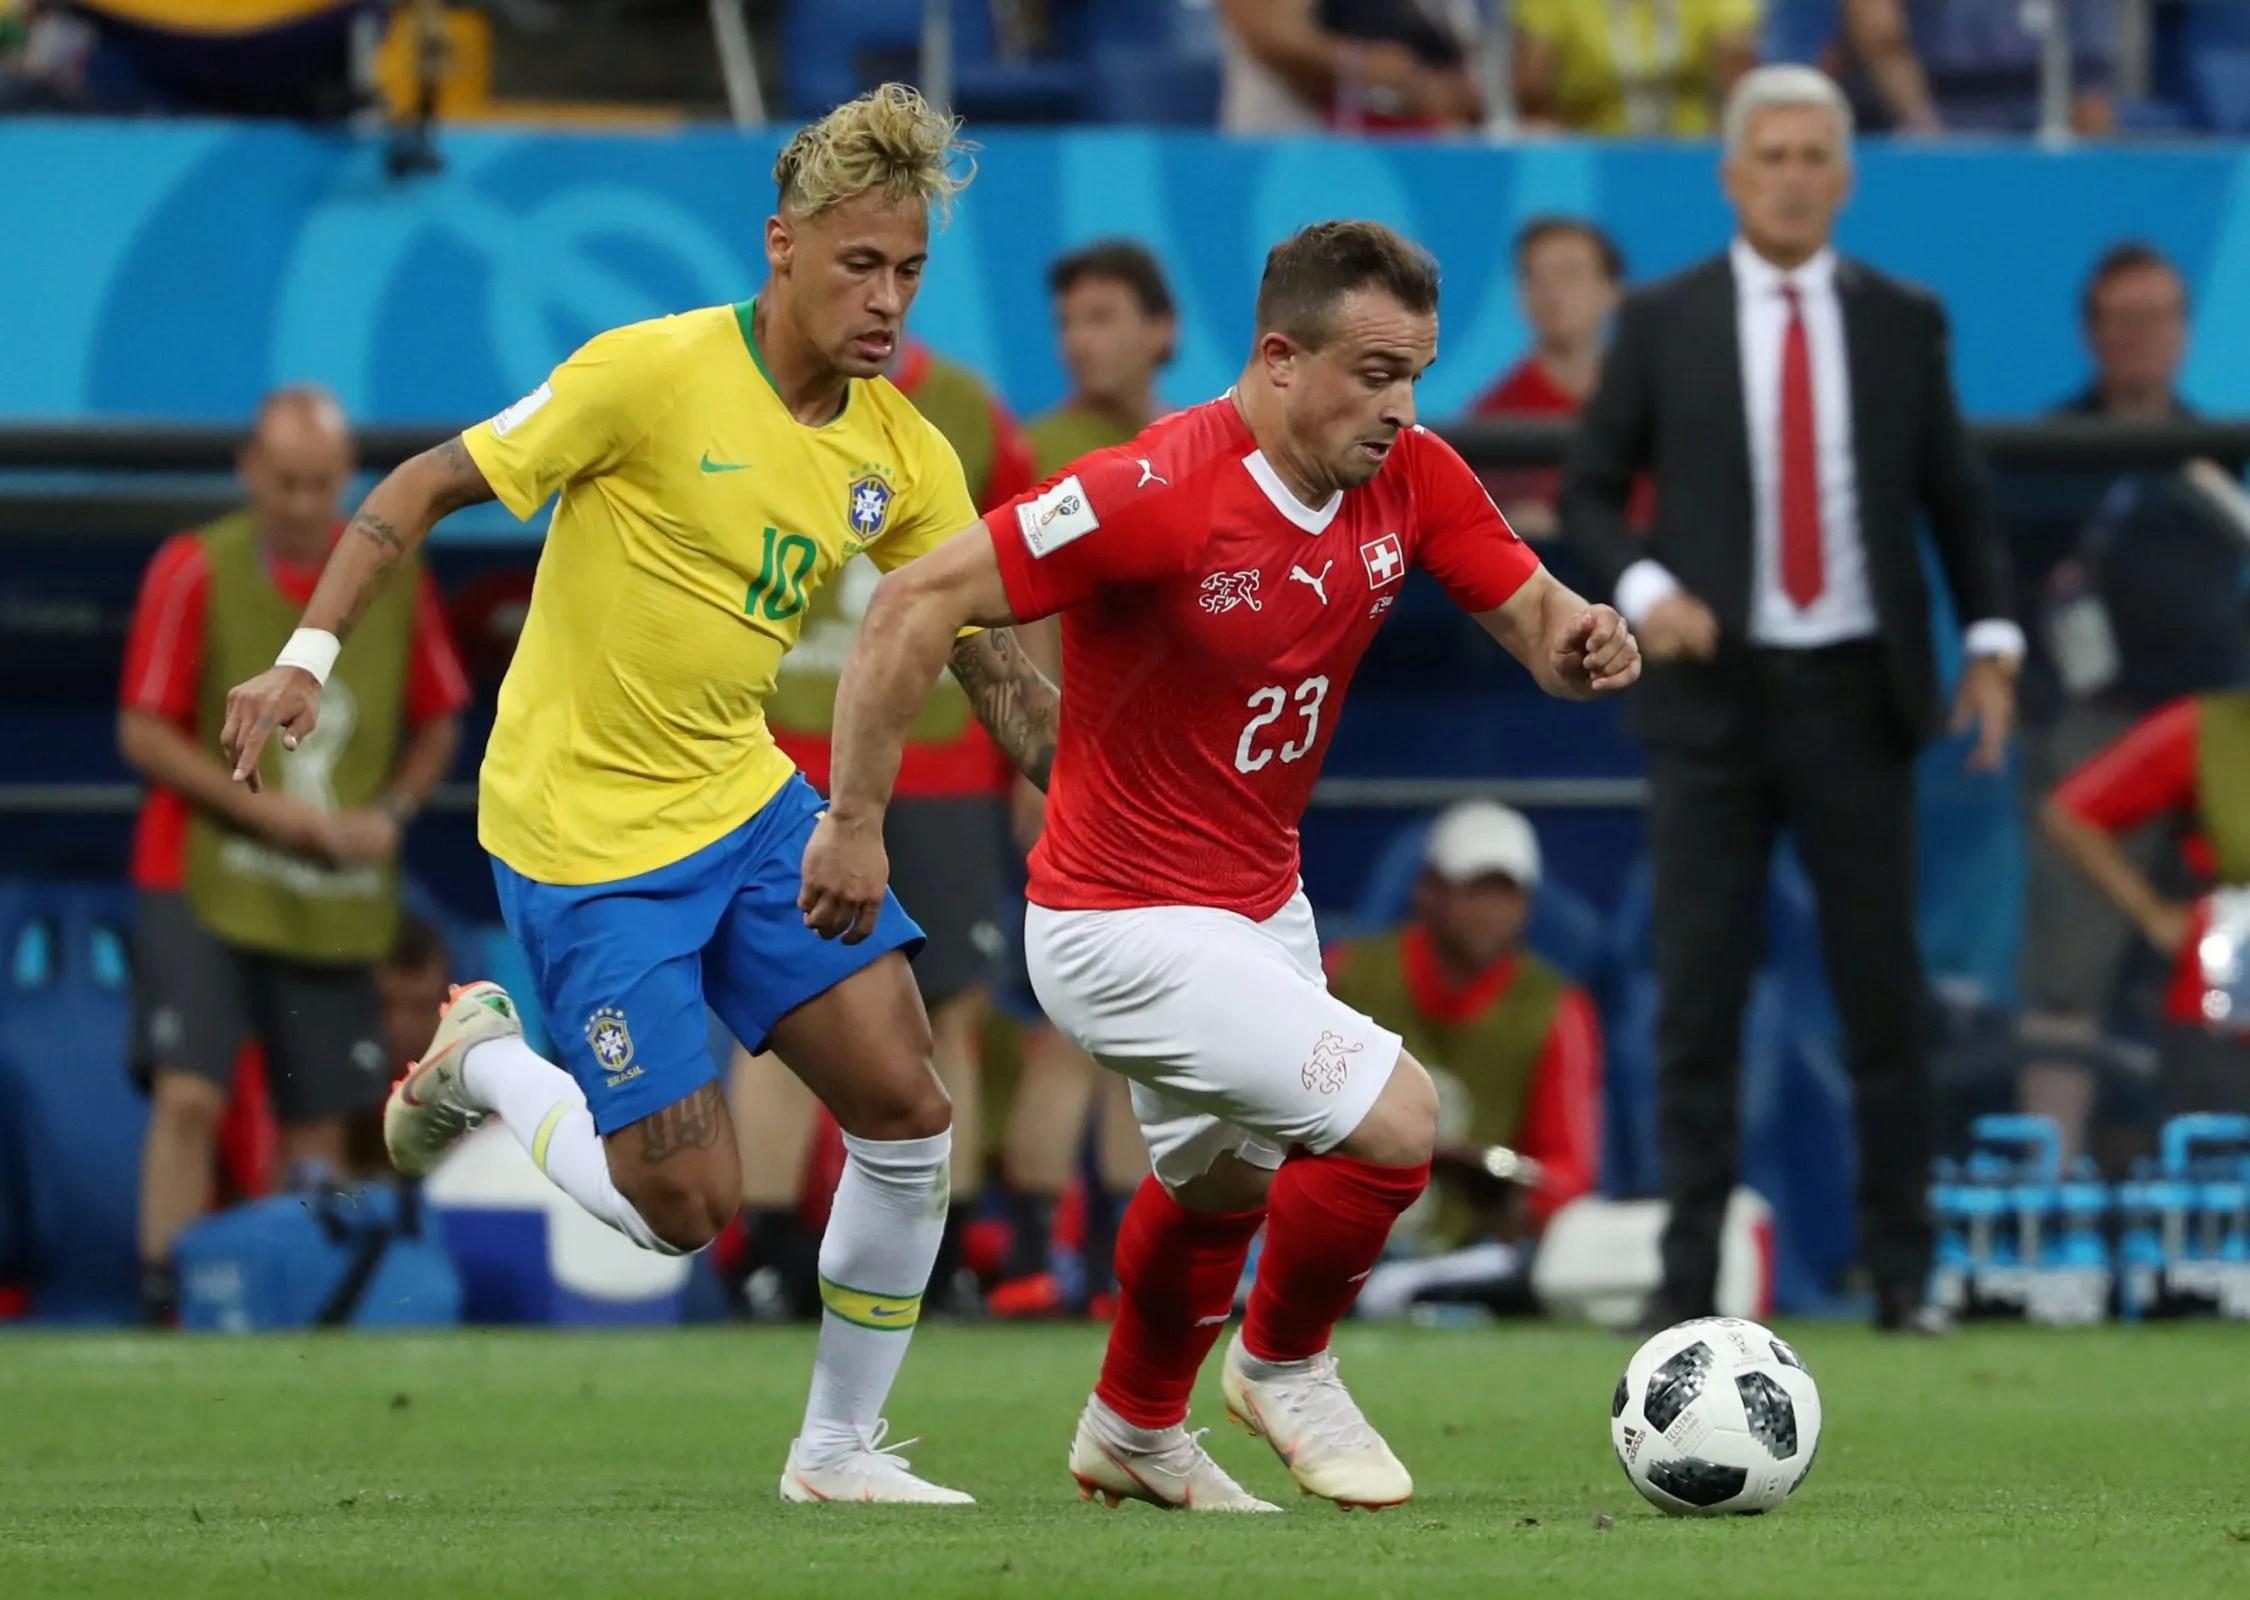 Xherdan Shaqiri in action with Neymar